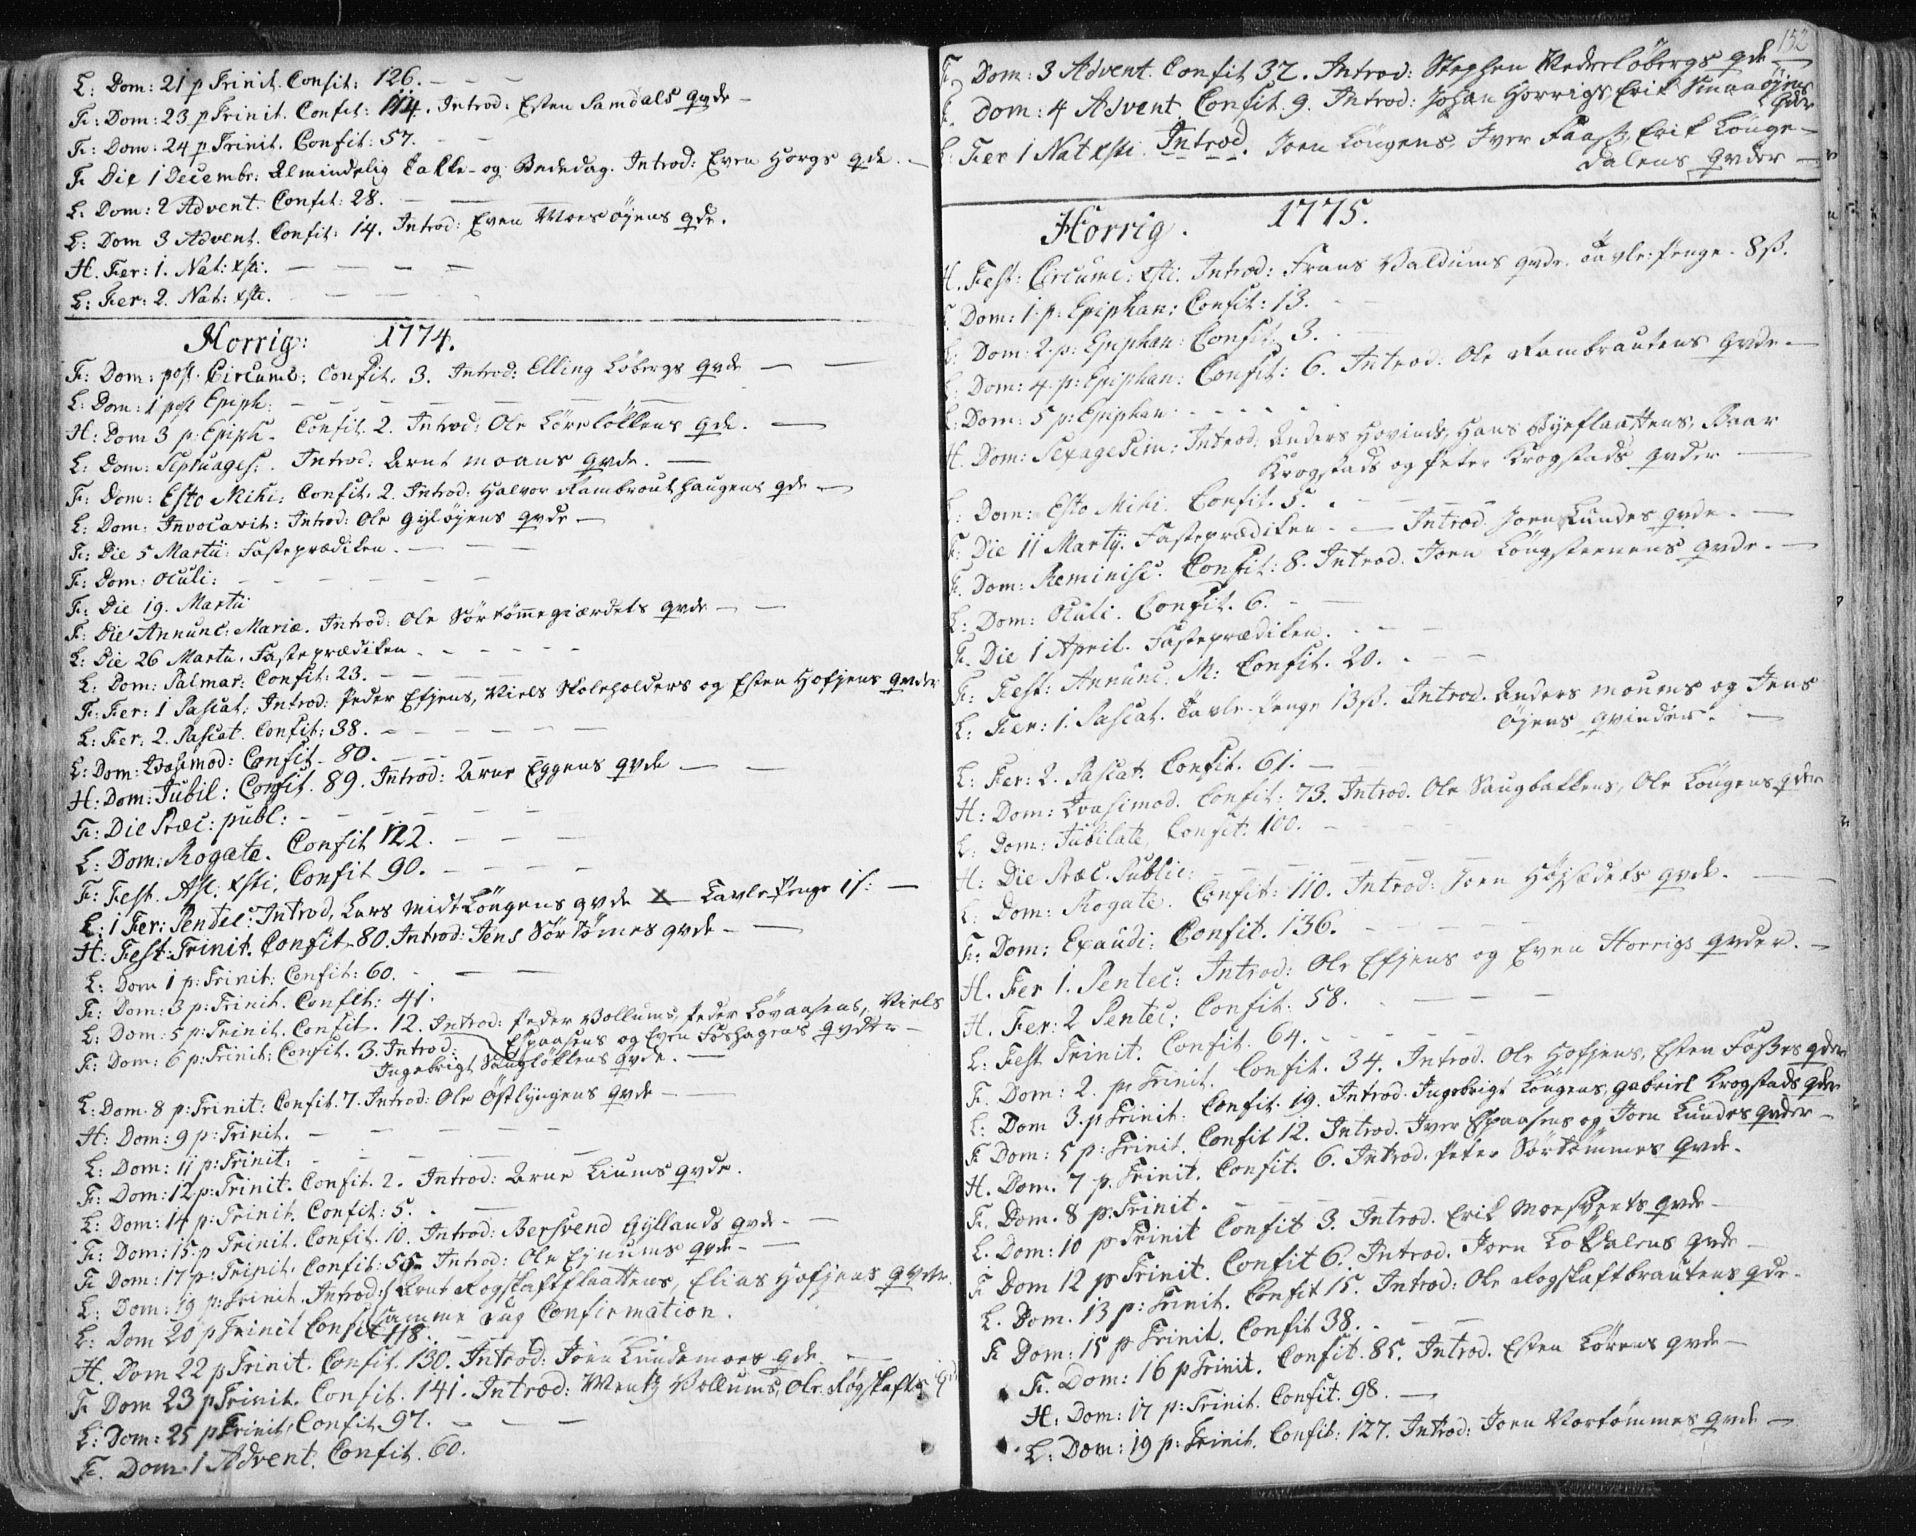 SAT, Ministerialprotokoller, klokkerbøker og fødselsregistre - Sør-Trøndelag, 687/L0991: Ministerialbok nr. 687A02, 1747-1790, s. 152